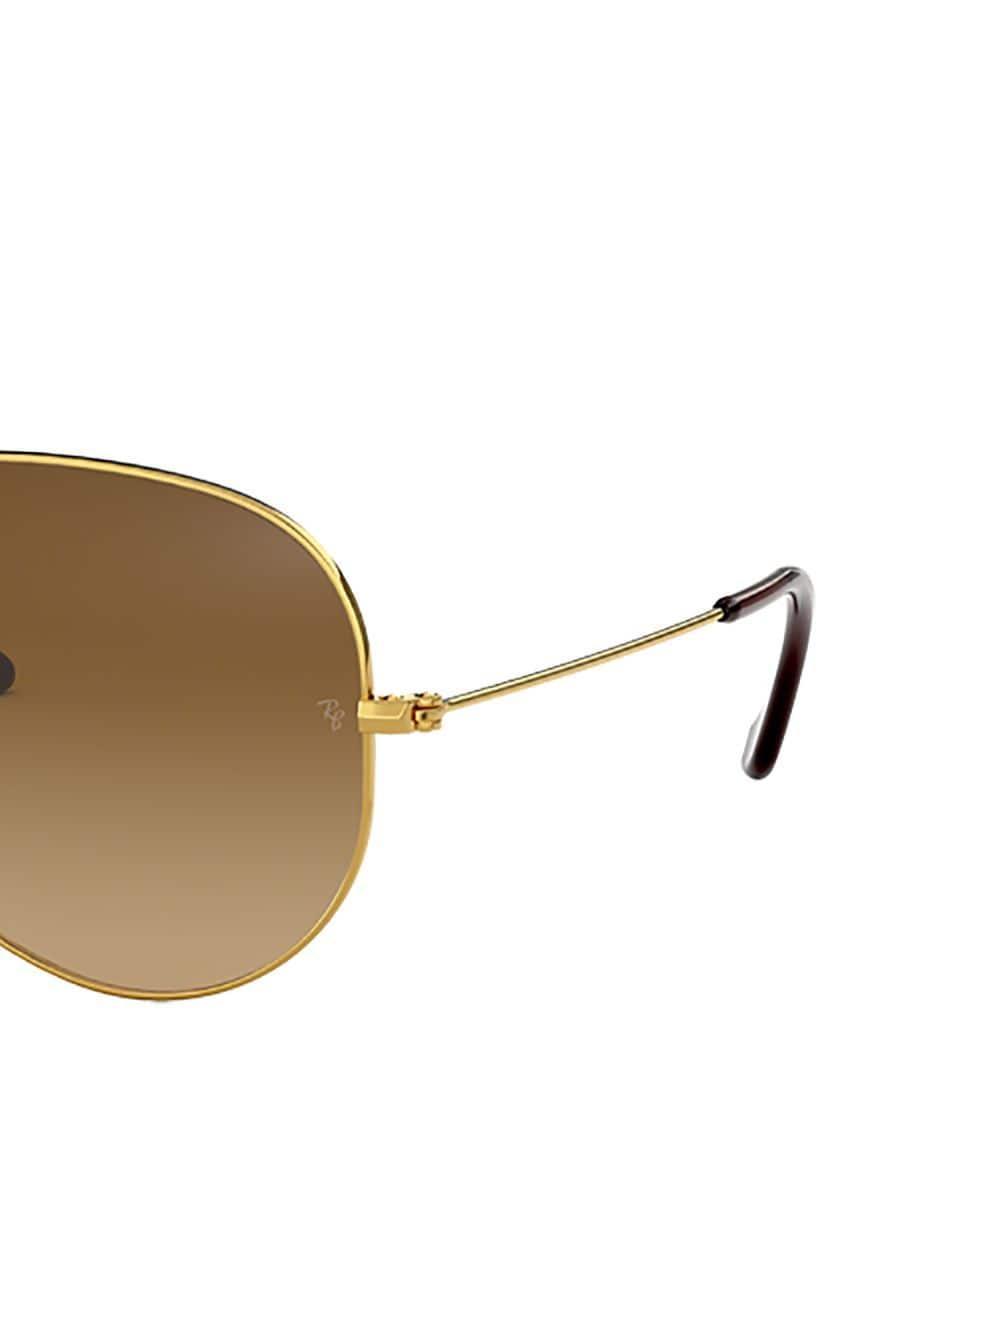 1f167c468d Ray-ban gafas de sol aviator classic - dorado